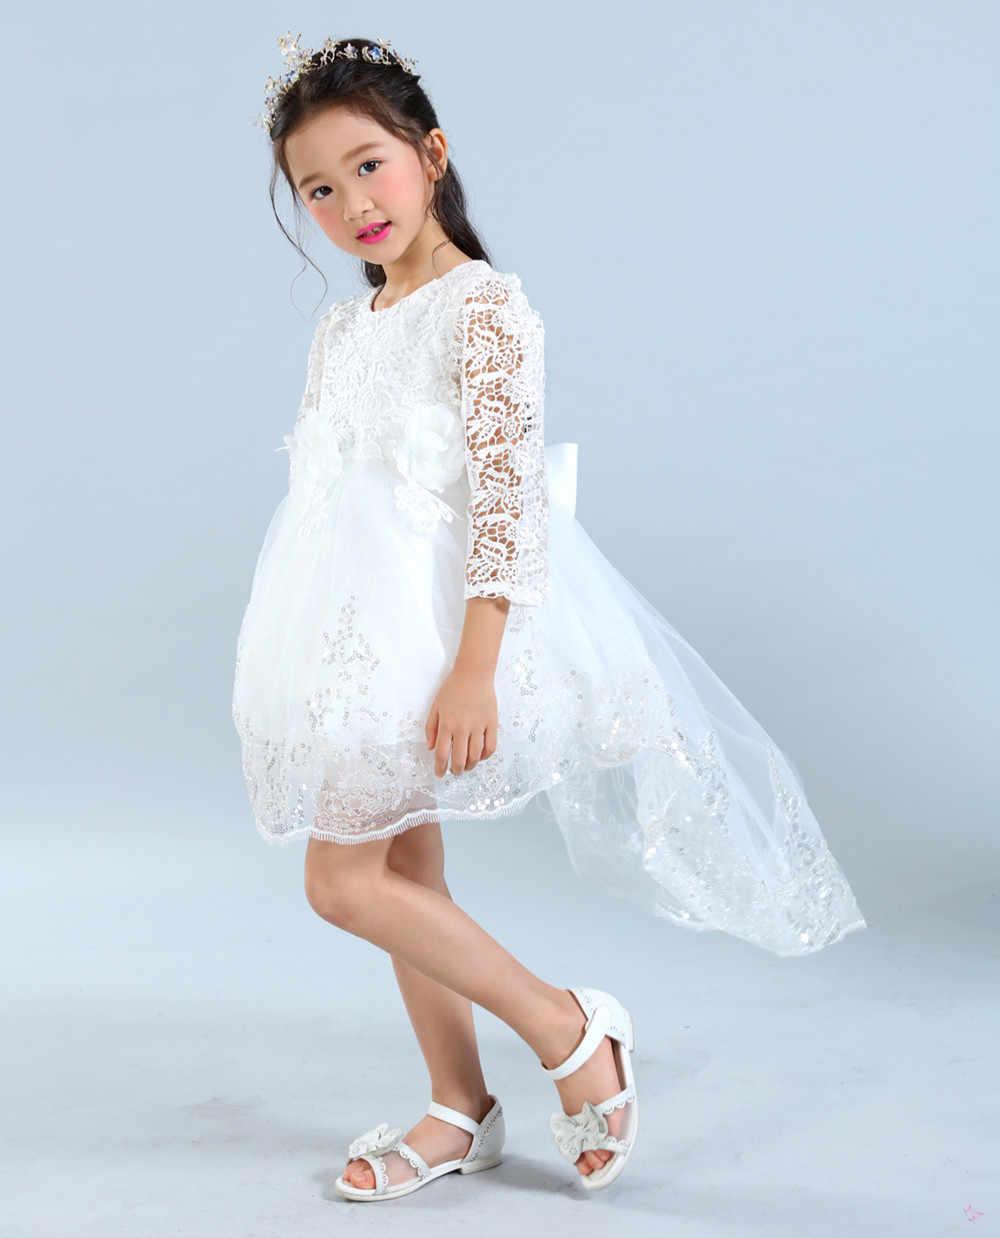 Коллекция 2018 года, осенний костюм принцессы для девочек Элегантное свадебное платье для девочек детское платье на выпускной, свадьбу, день рождения, с большим бантом, праздничное платье для девочек